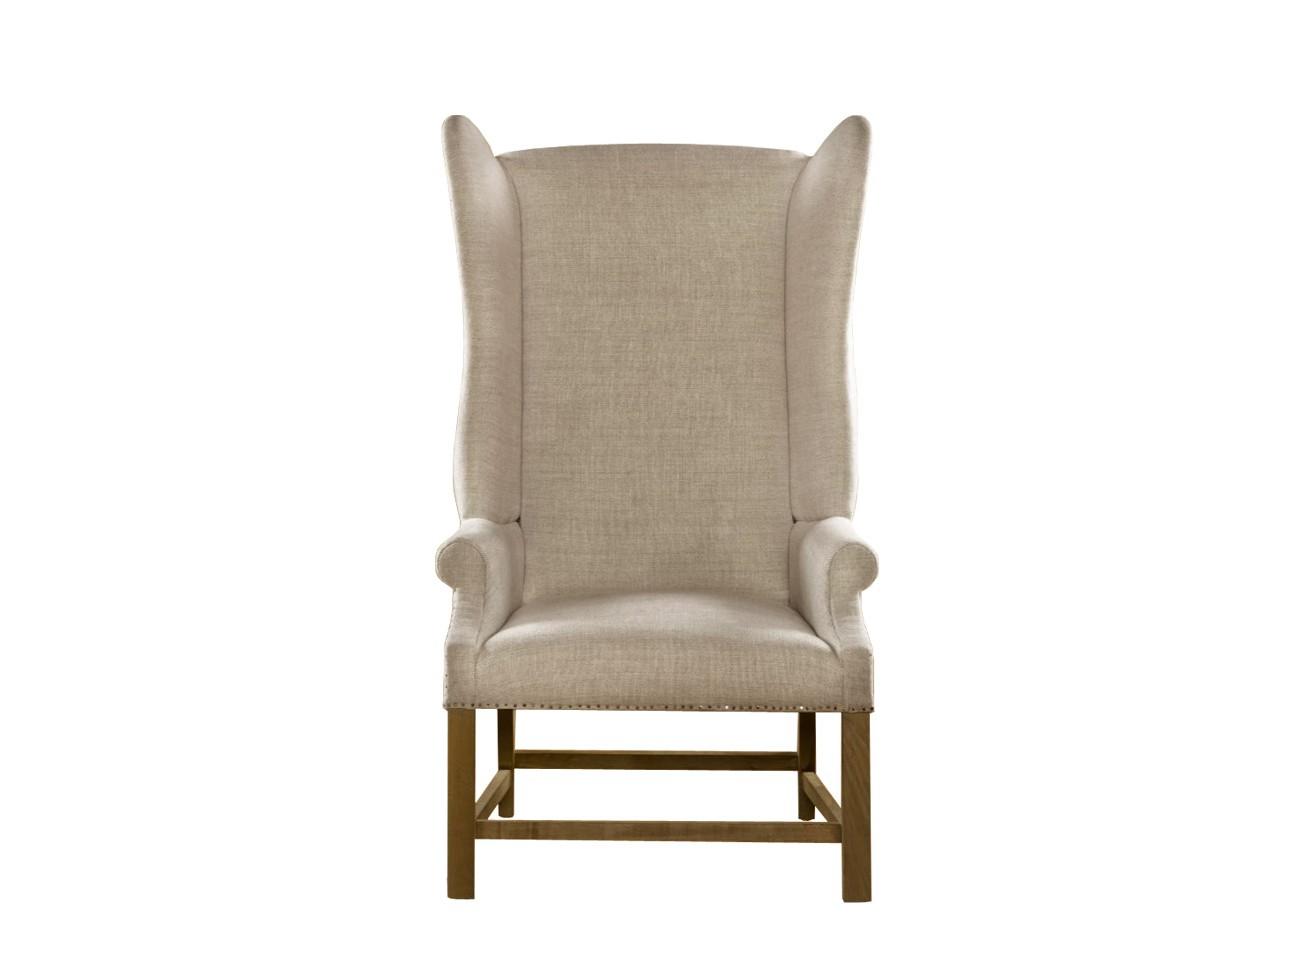 Кресло VirginieКресла с высокой спинкой<br>Мягкая мебель должна быть не только удобной и красивой, она также должна иметь индивидуальность. Подобными качествами обладает кресло «Virginie». В его оригинальном оформлении усматривается связь с величественными интерьерами французских замков и дворцов. Качественный наполнитель, натуральная обивочная ткань и дерево, усиливая данное впечатление, придают модели тематическую завершенность.<br><br>Ткань: синий лен<br>Объем: 0,880 куба<br>Вес: 34 кг<br><br>Material: Лен<br>Length см: None<br>Width см: 76.0<br>Depth см: 78.0<br>Height см: 133.0<br>Diameter см: None